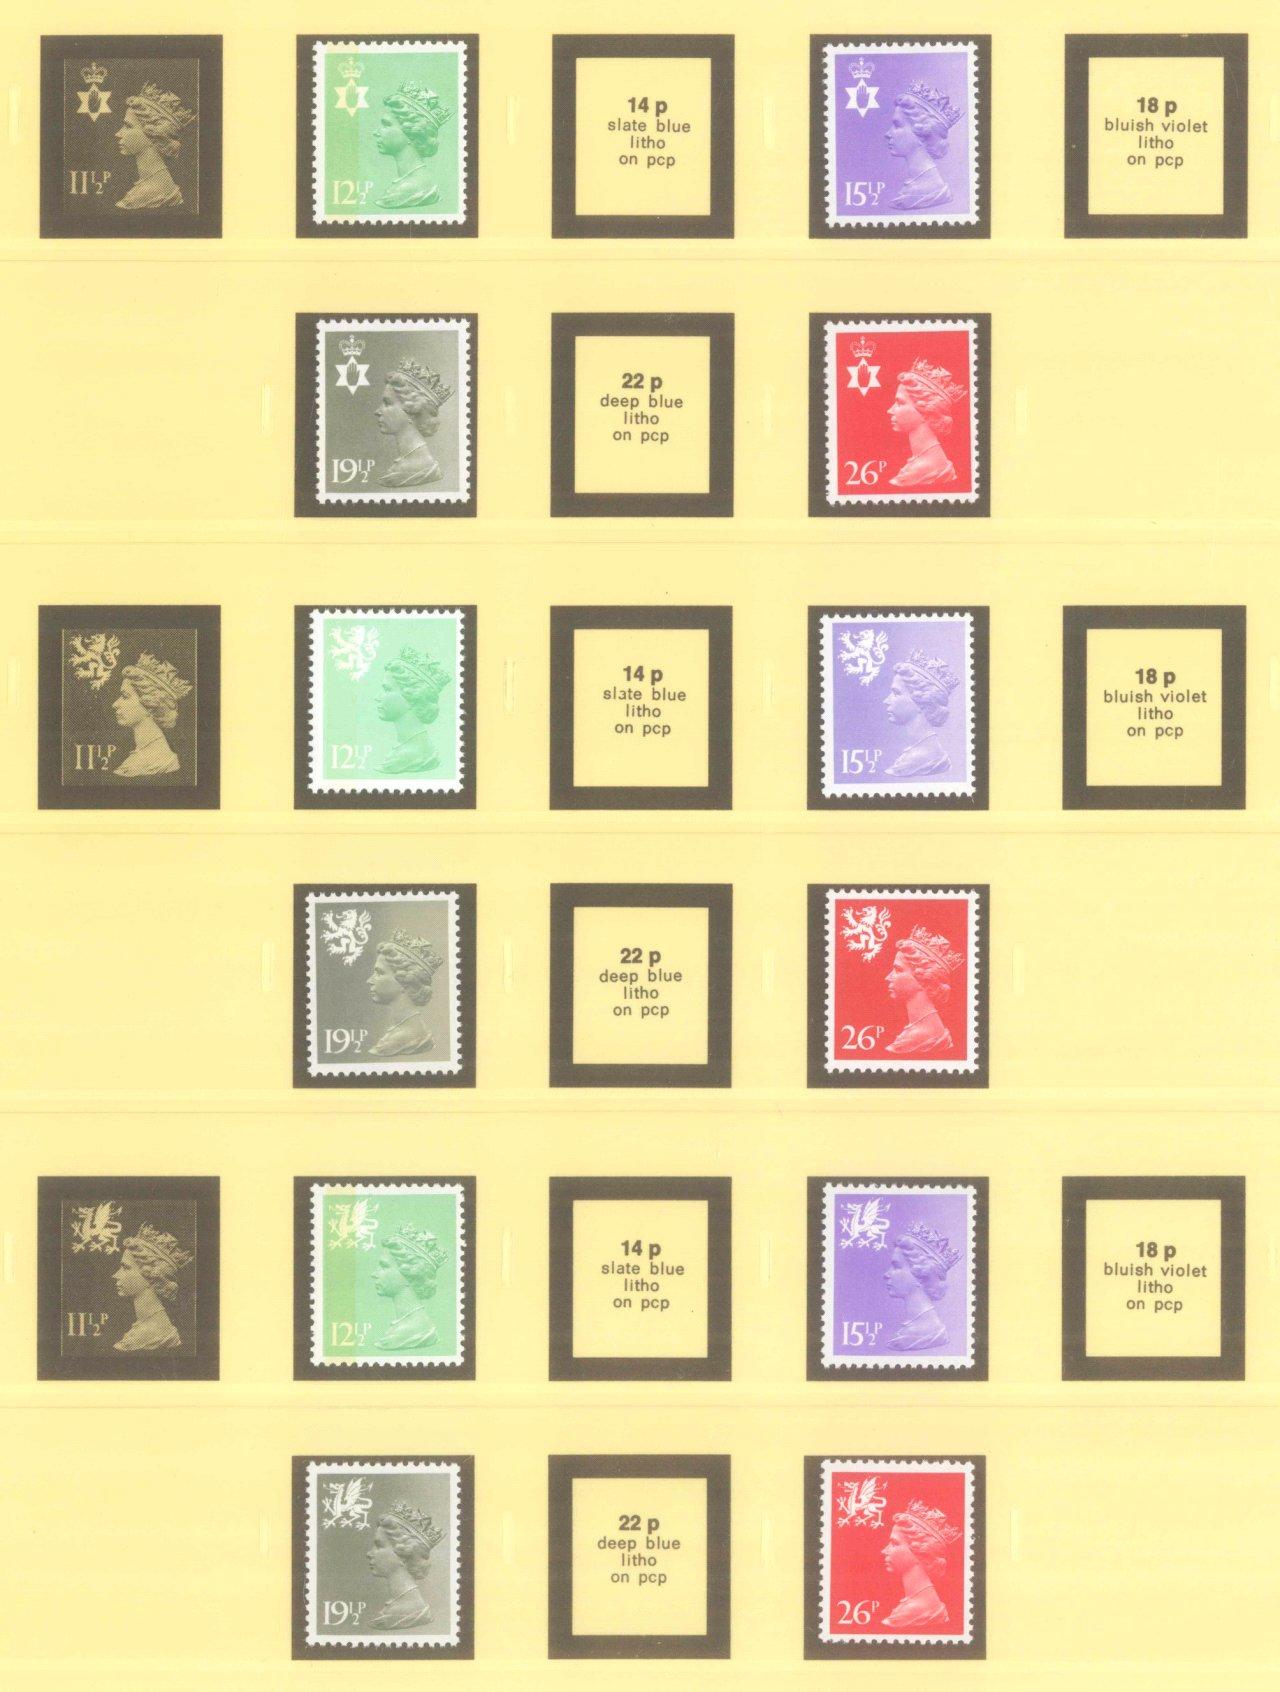 GROSSBRITANNIEN 1967-1985, NOMINALE: 82,- BRITISCHE PFUND-11